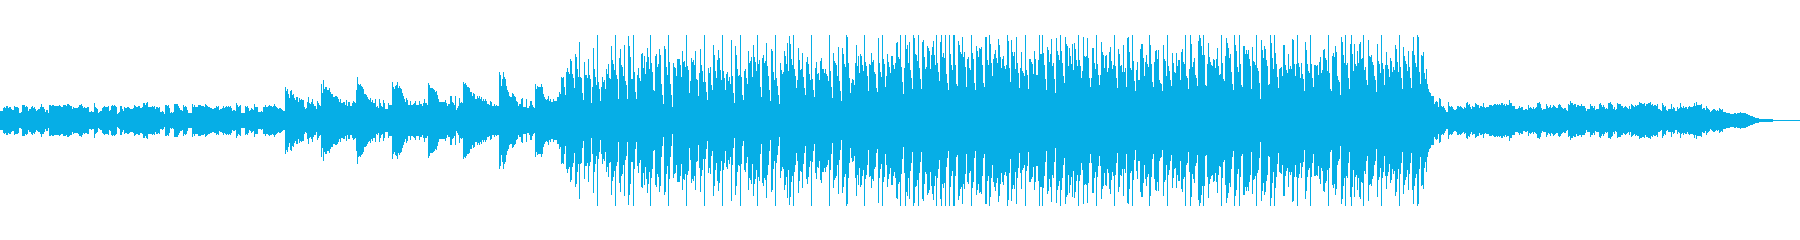 可愛らしく軽快なリズムのテクノの再生済みの波形